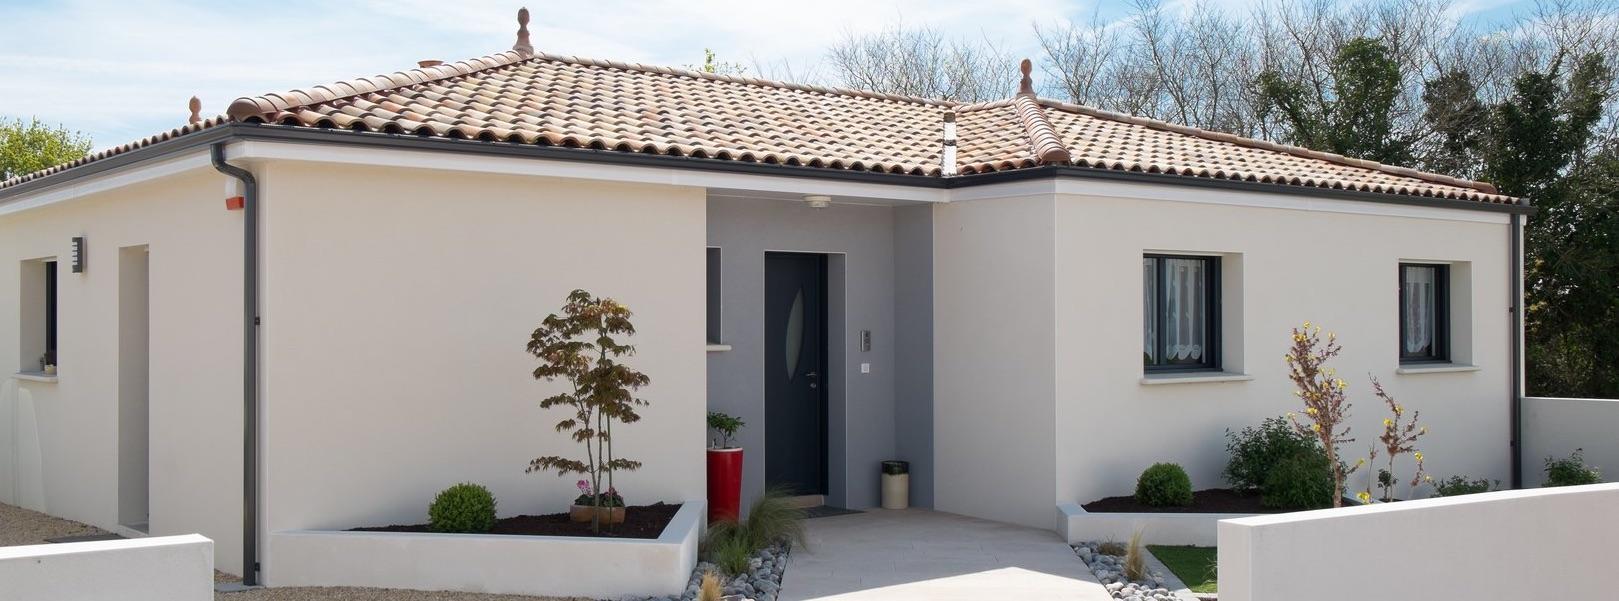 Constructeur maison 44 milcendeau maison moderne for Maison bati